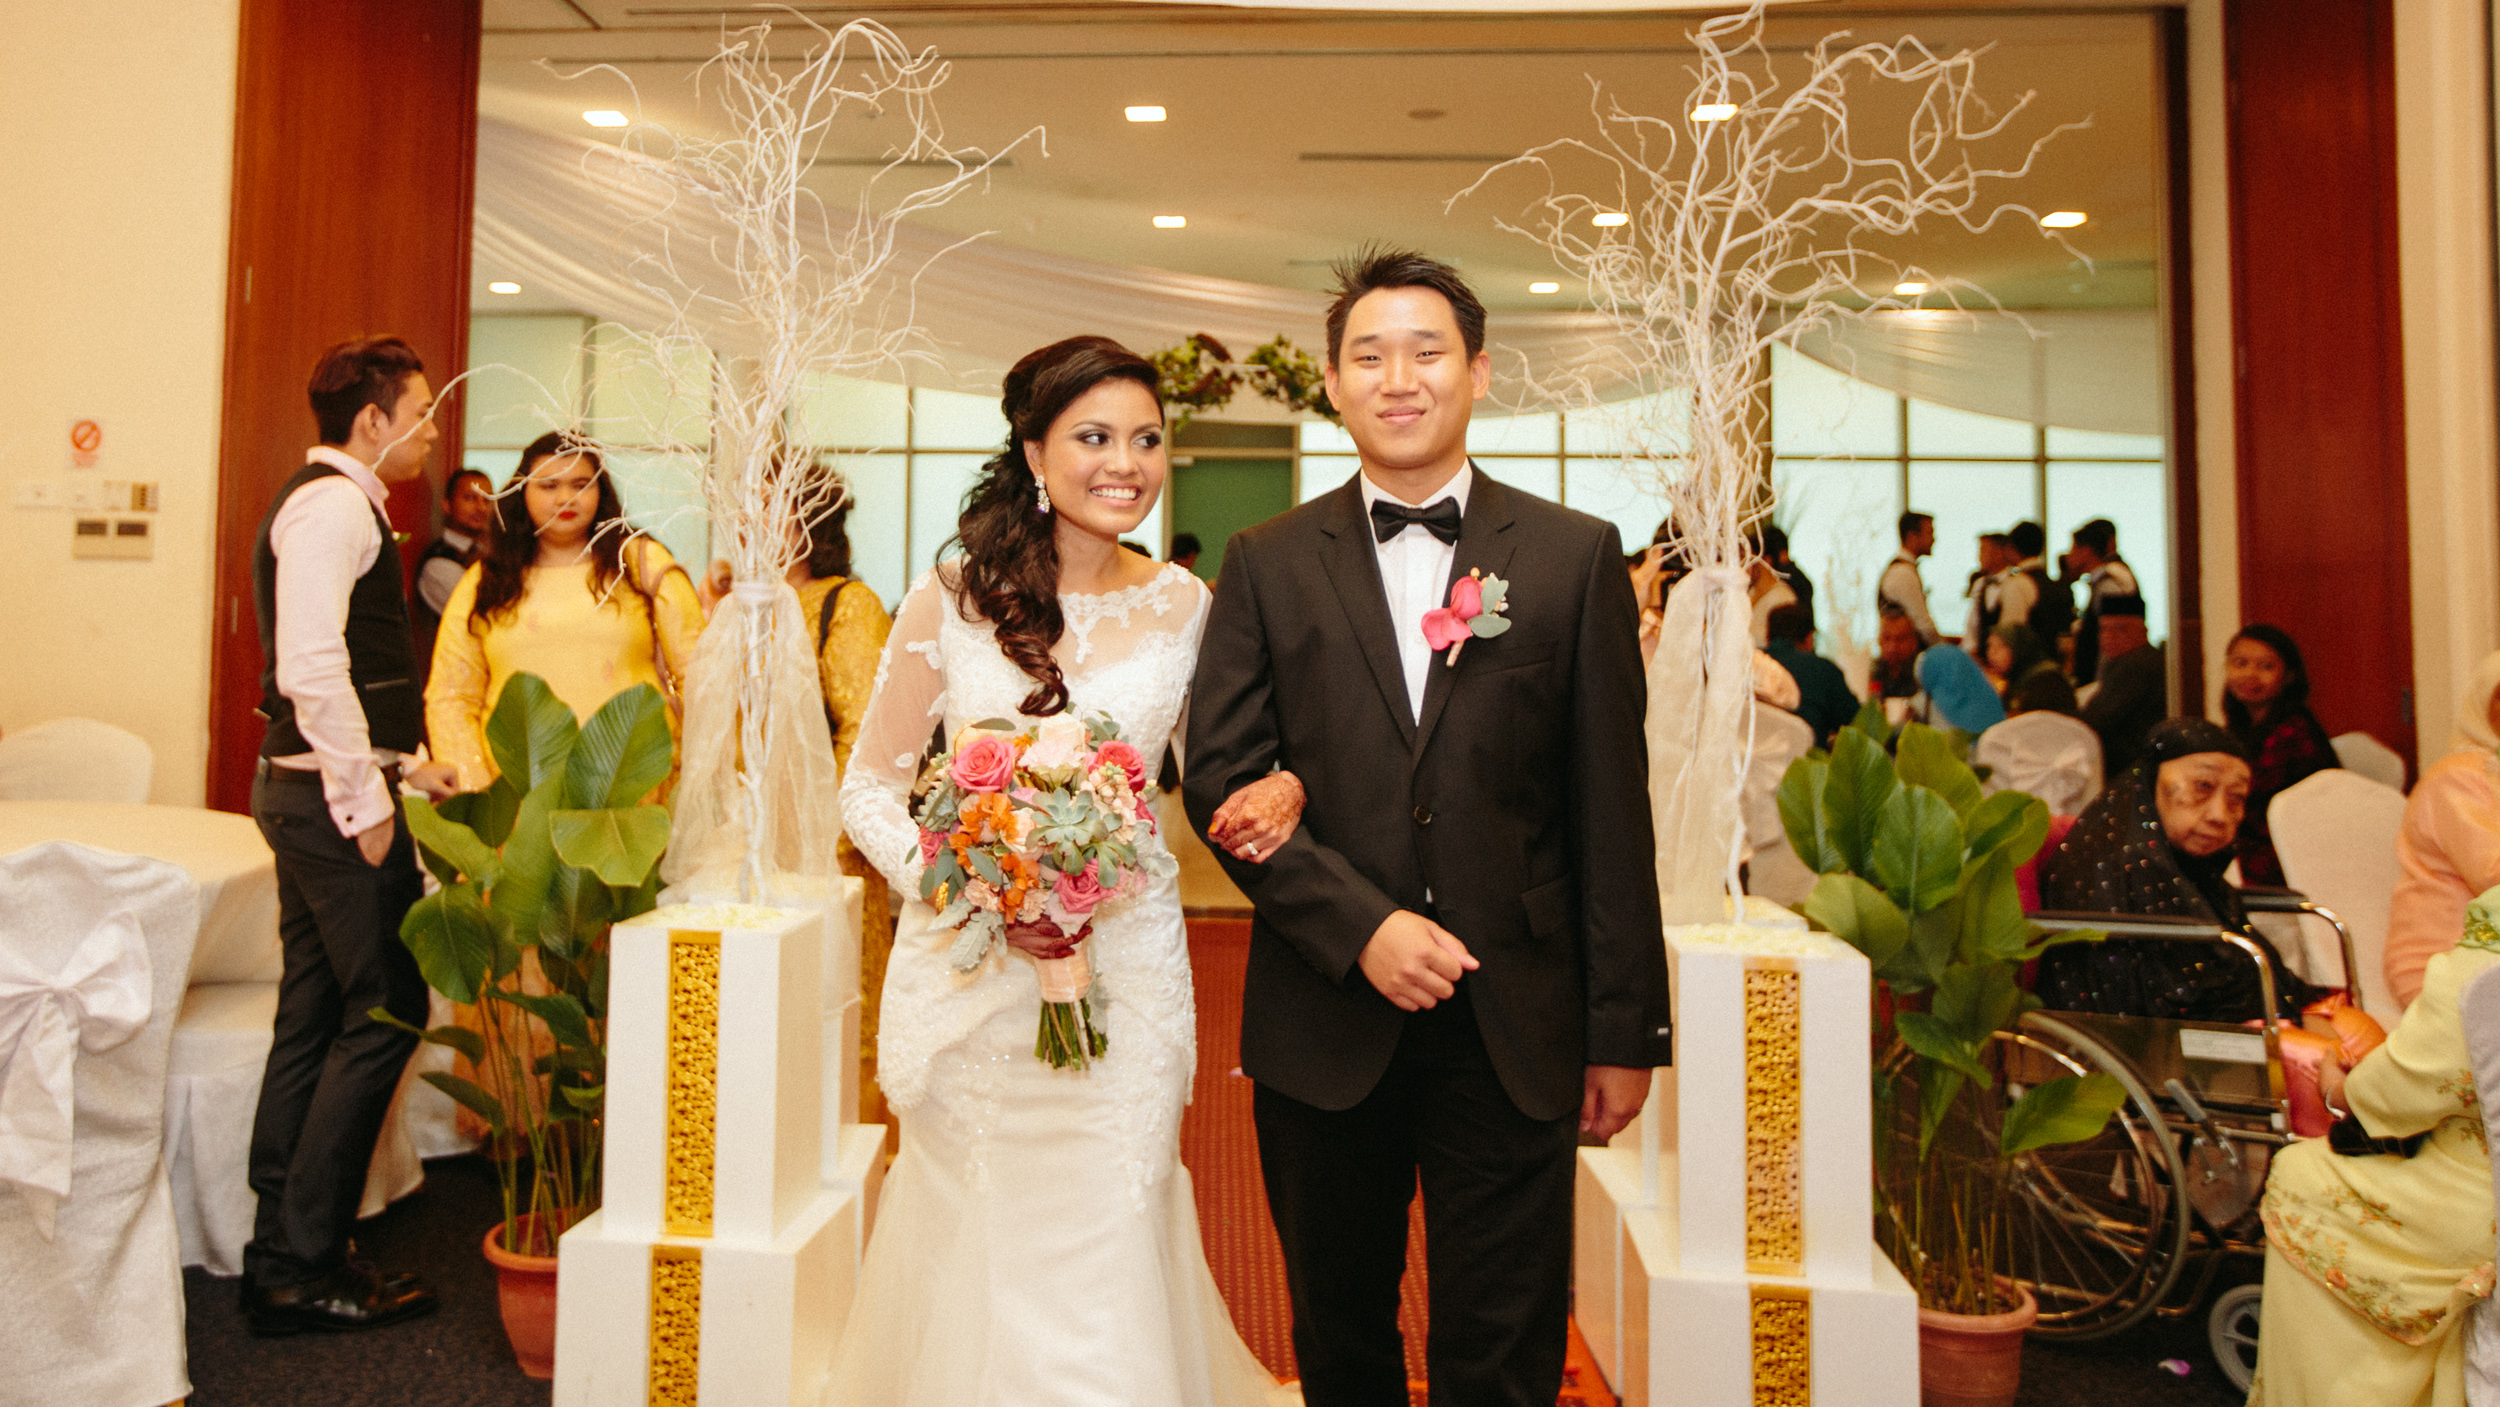 singapore-wedding-photographer-wemadethese-shikin-yanho-031.jpg